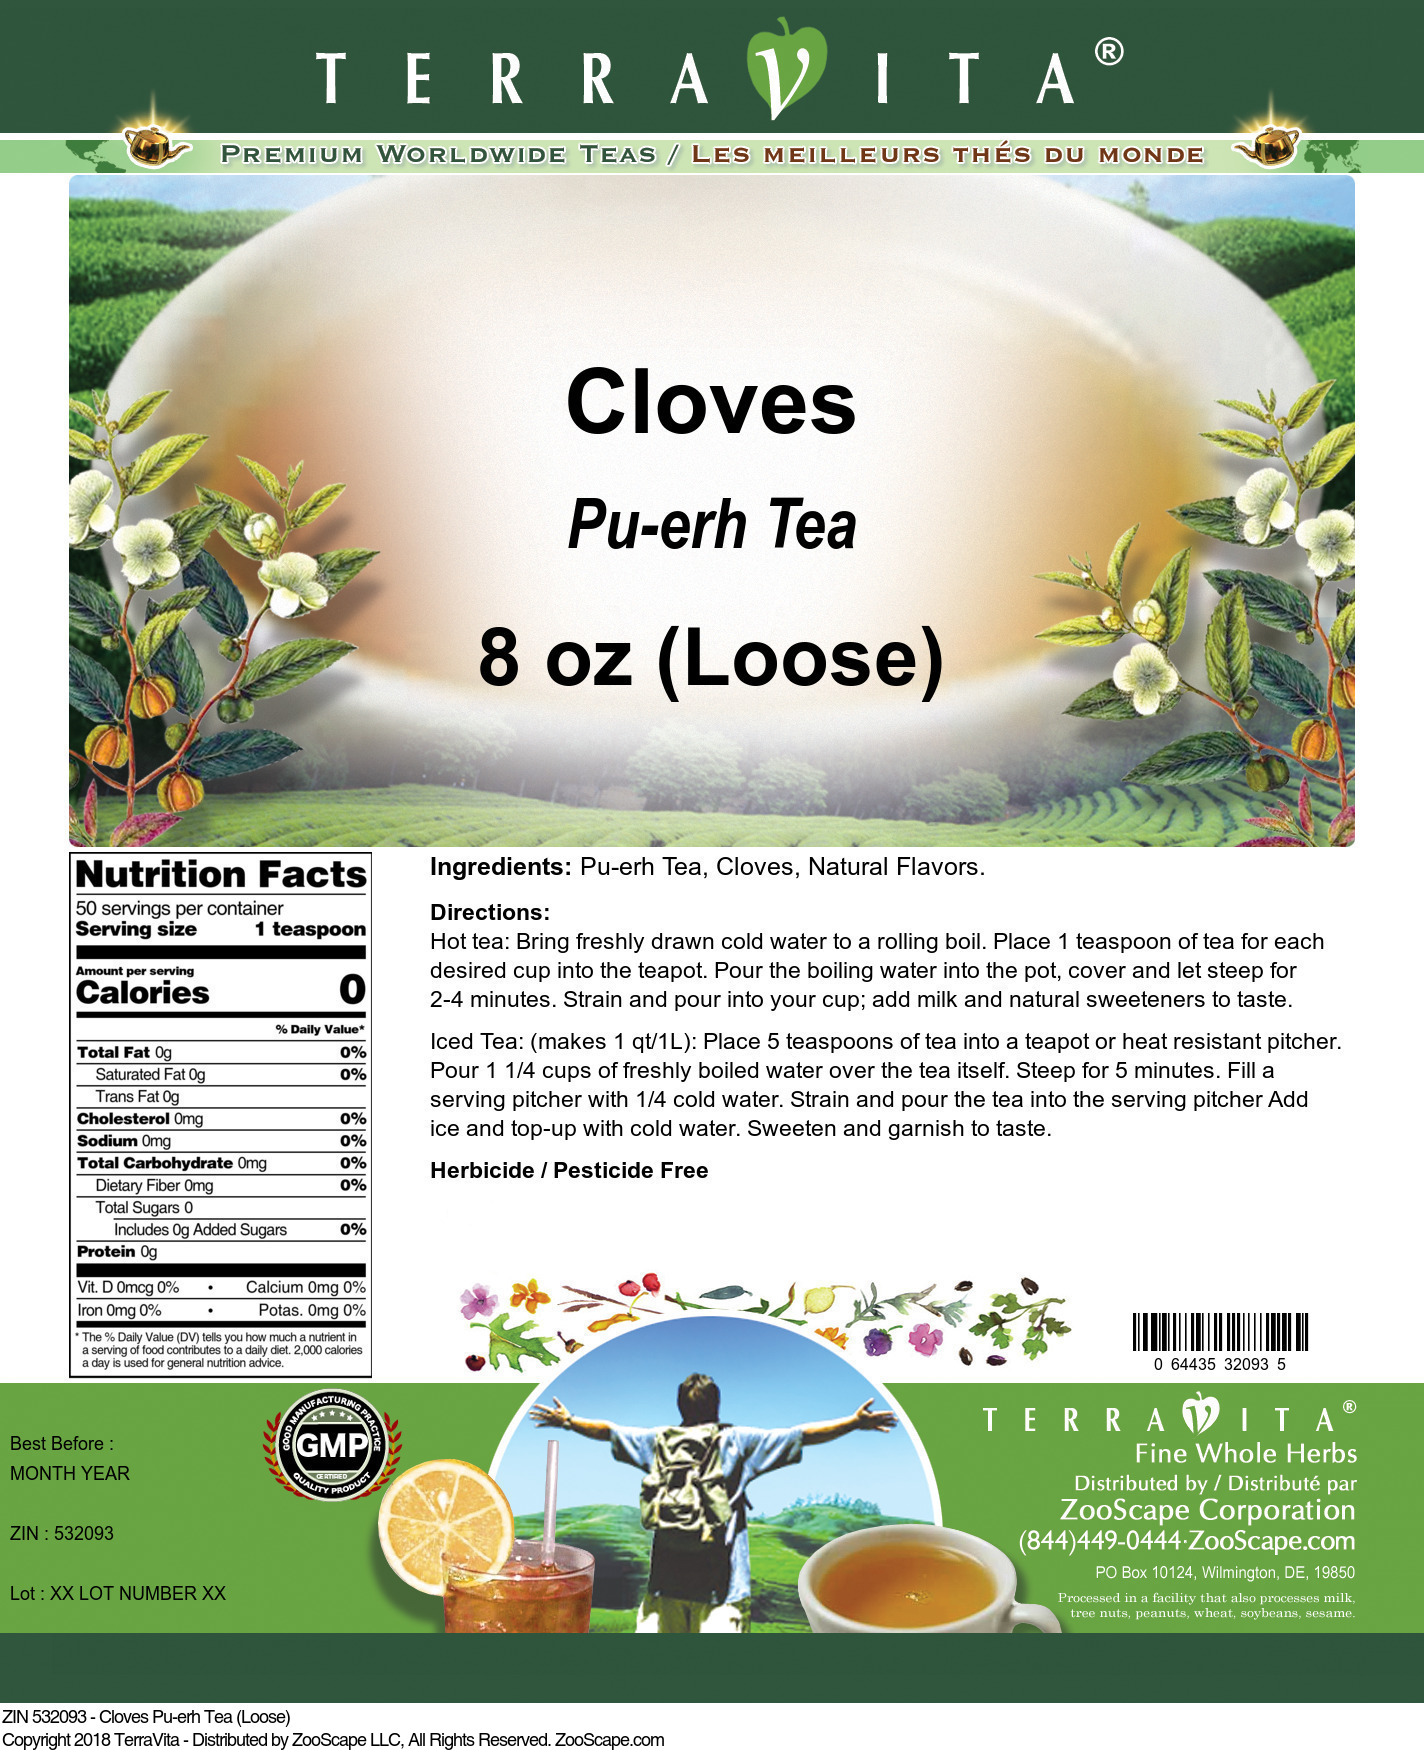 Cloves Pu-erh Tea (Loose)